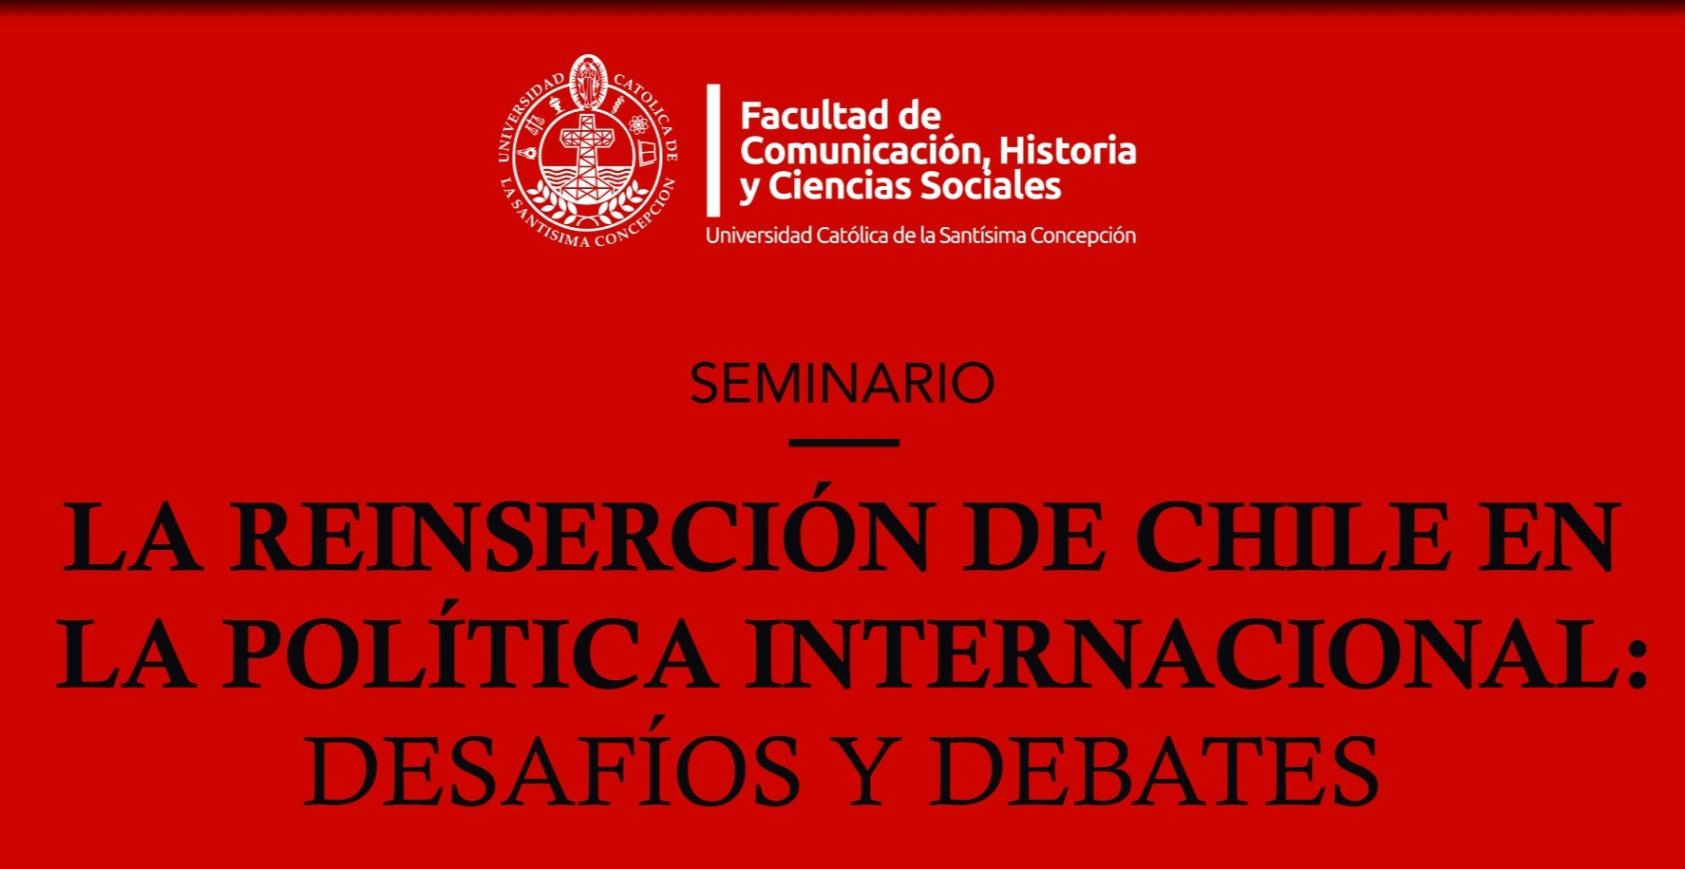 Afiche_reinsercion_chile_politica